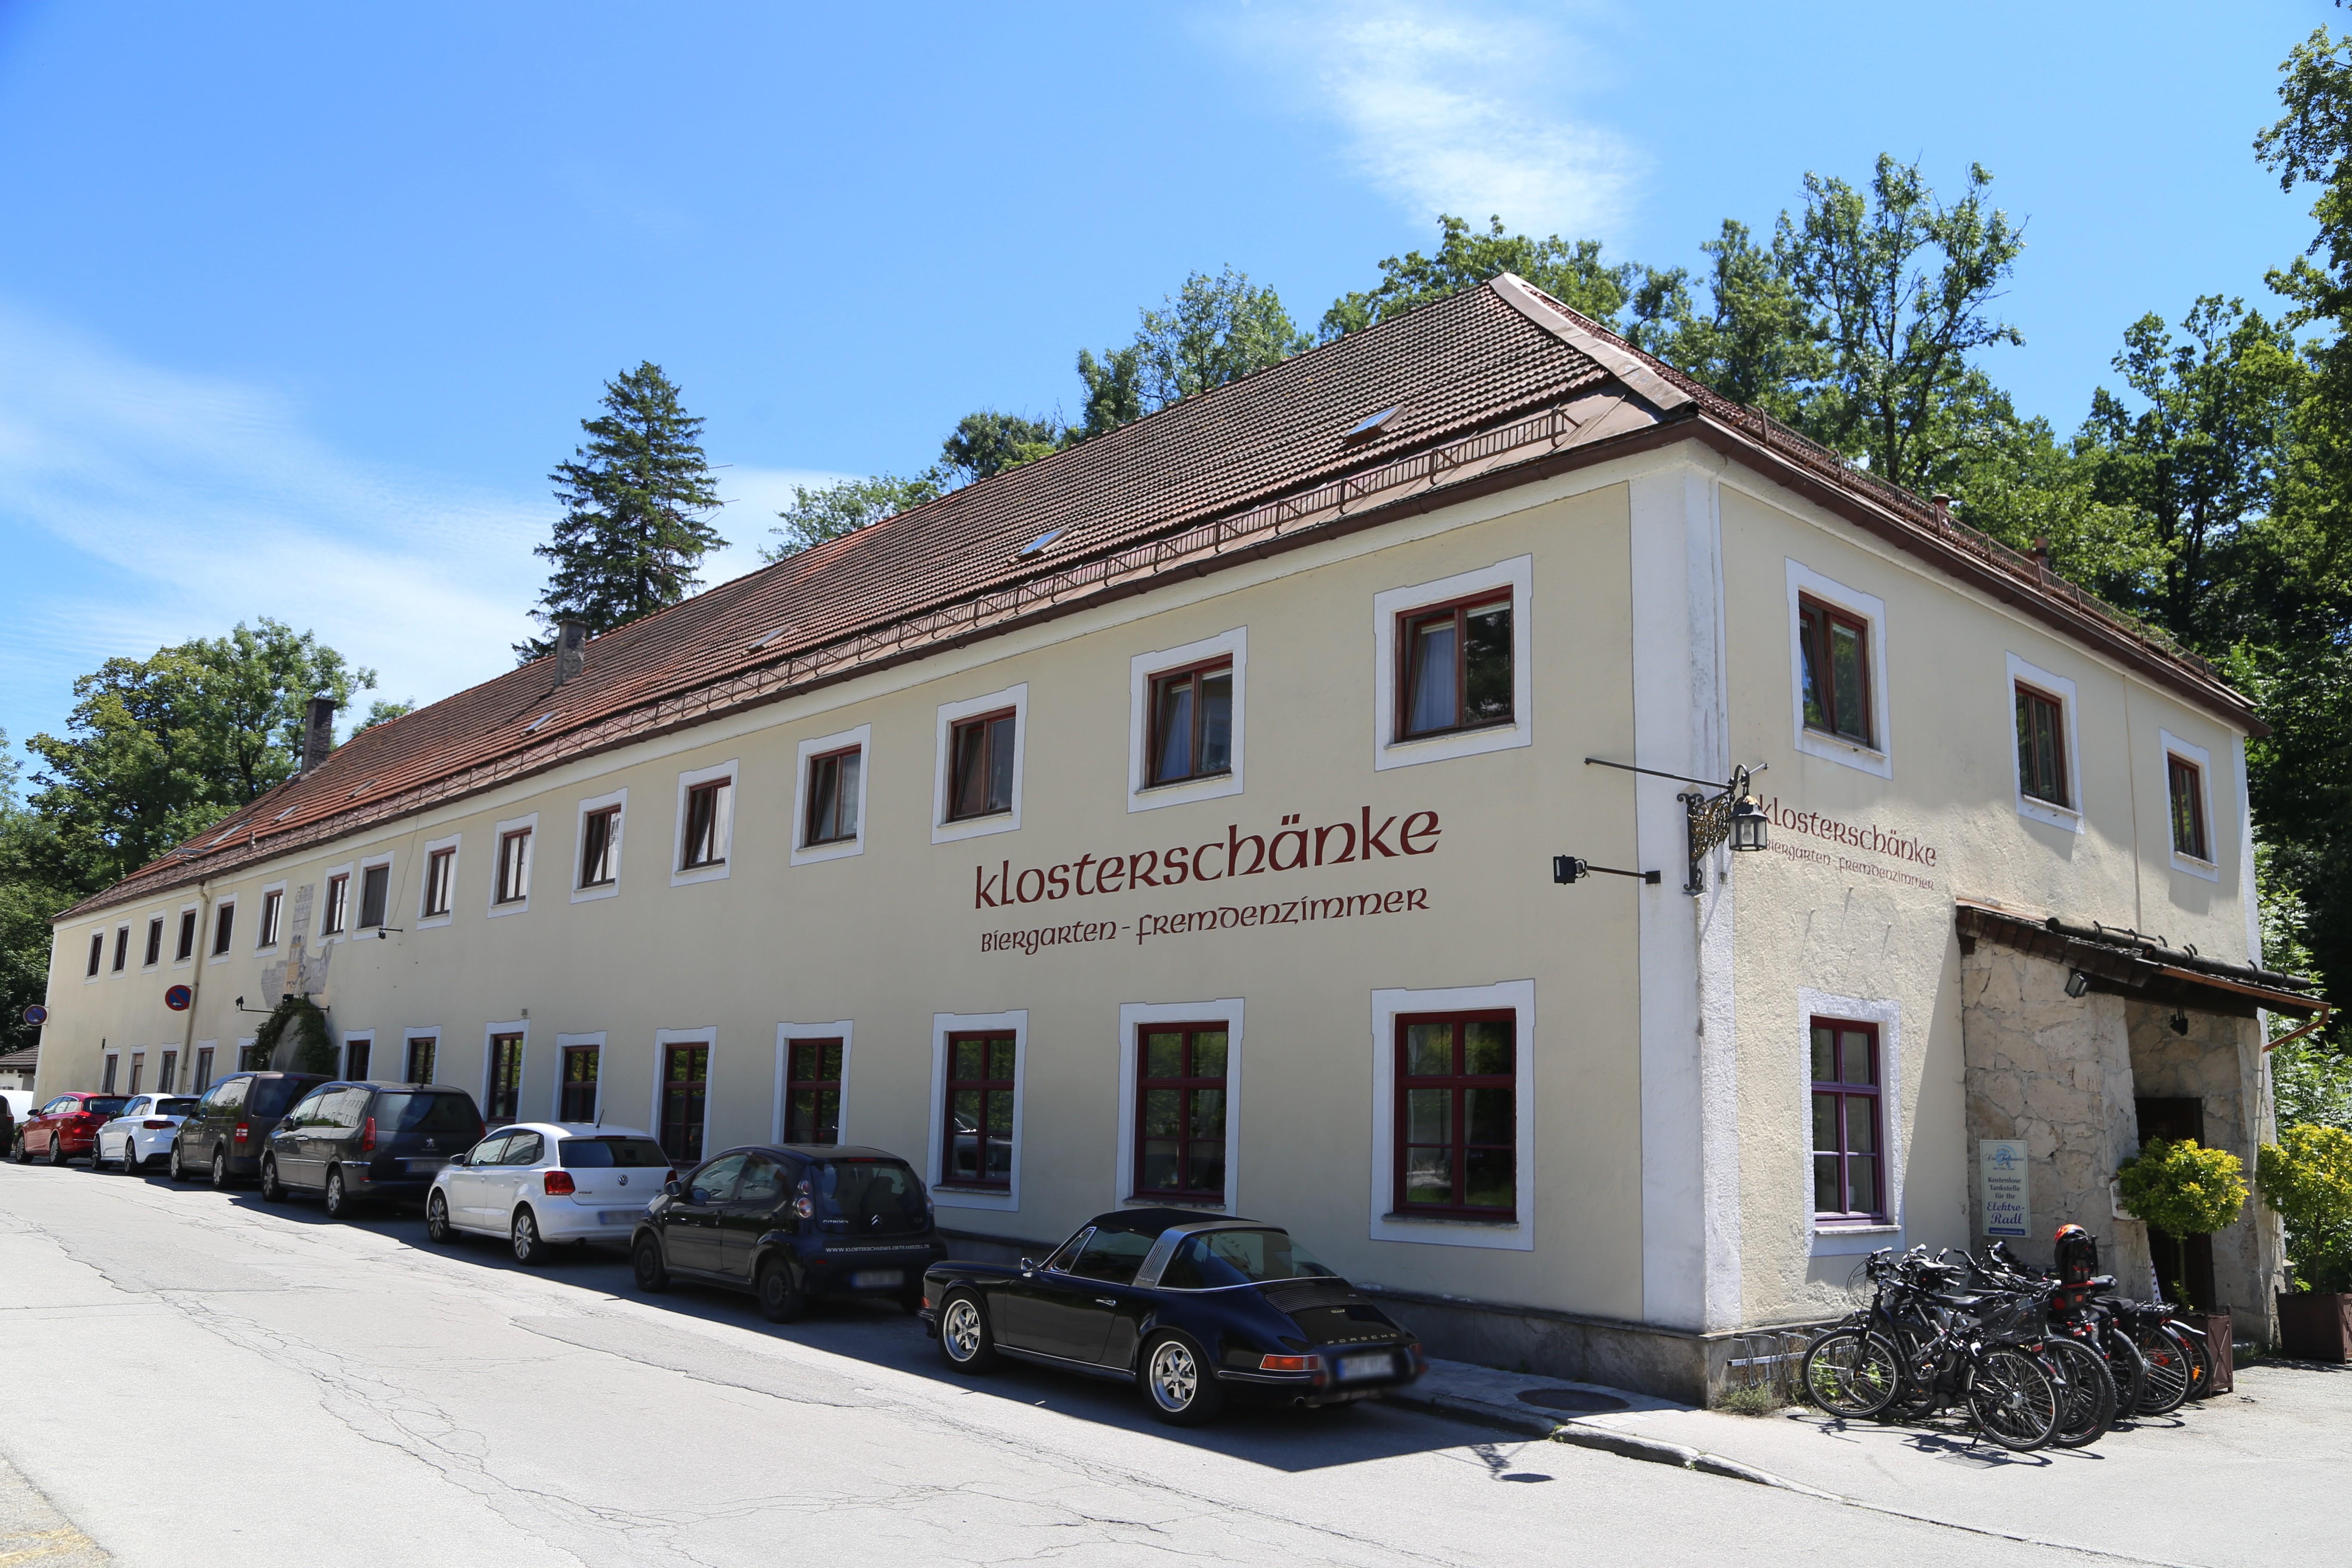 File:Klosterschaenke Dietramszell-2.jpg - Wikimedia Commons